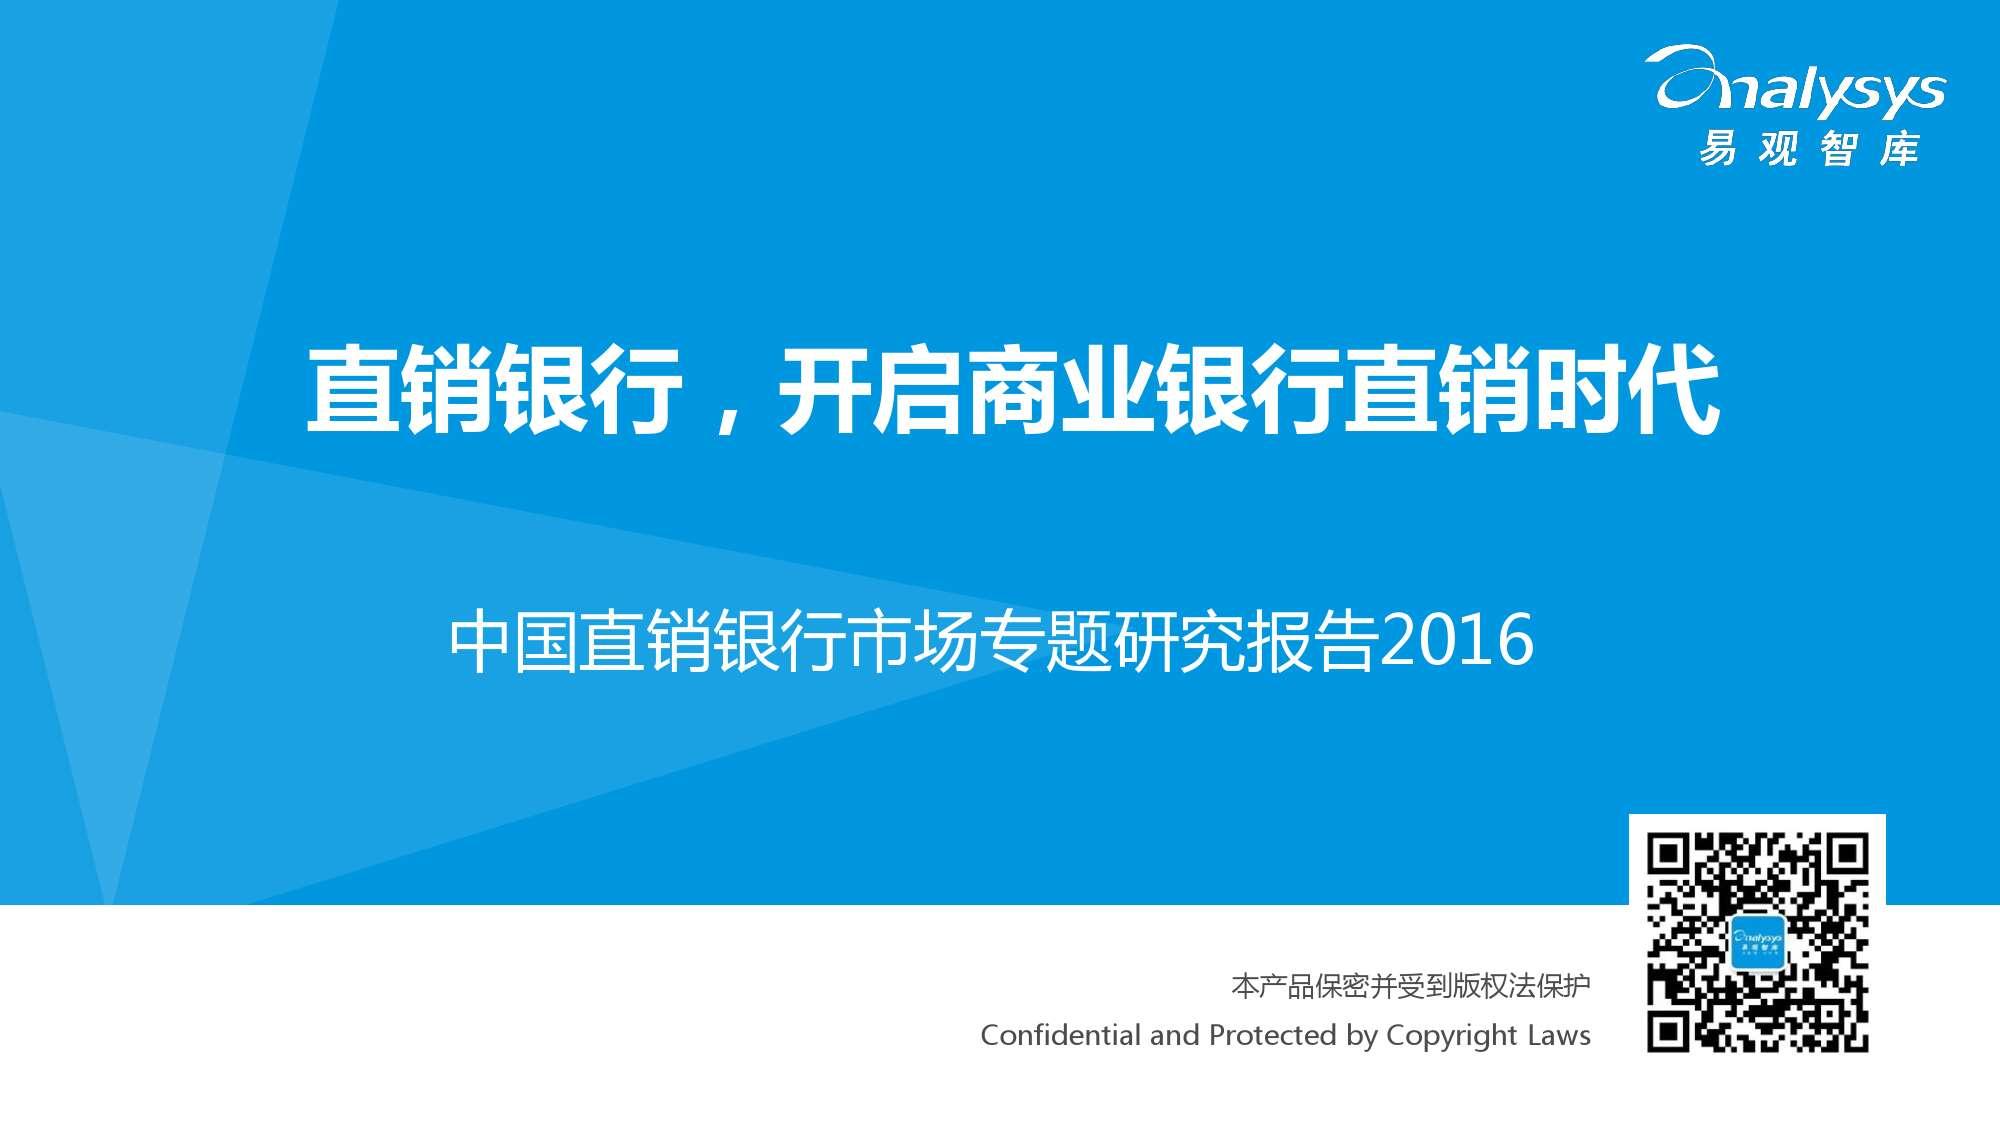 2016年中国直销银行市场专题研究报告_000001